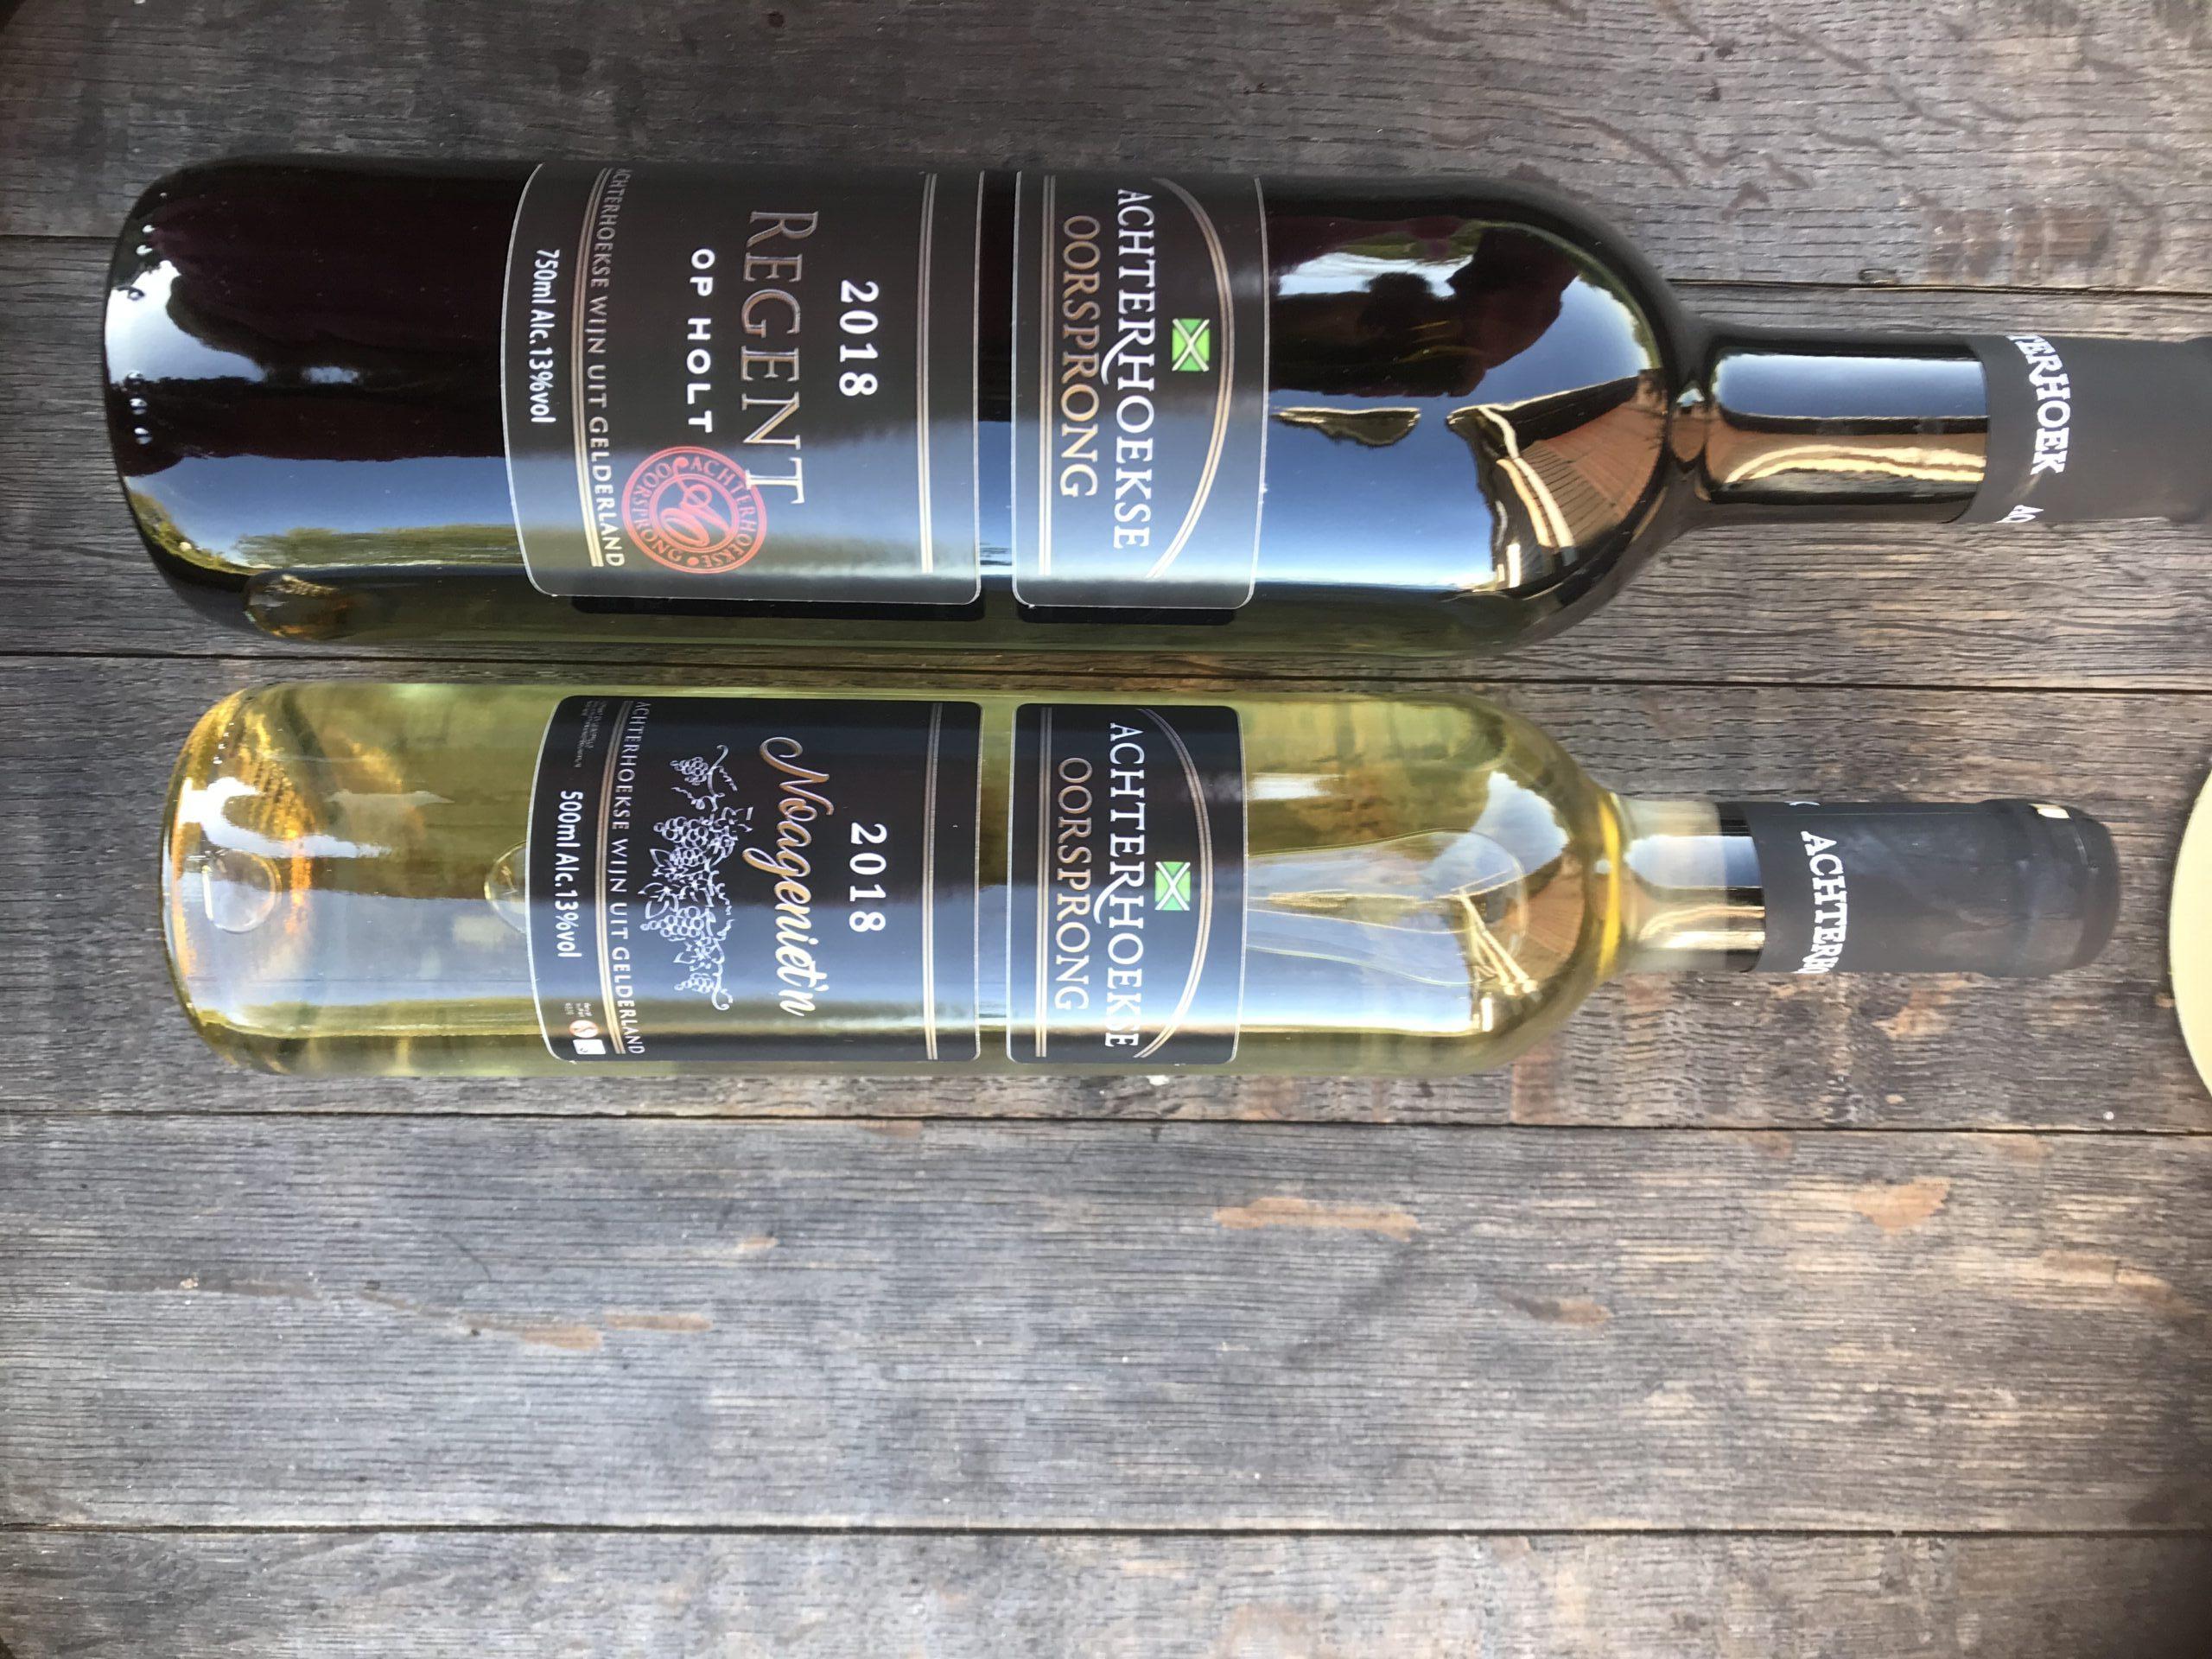 Prachtige wijnen van 2018 werden met een Gouden medaille gewaardeerd in hun klasse.